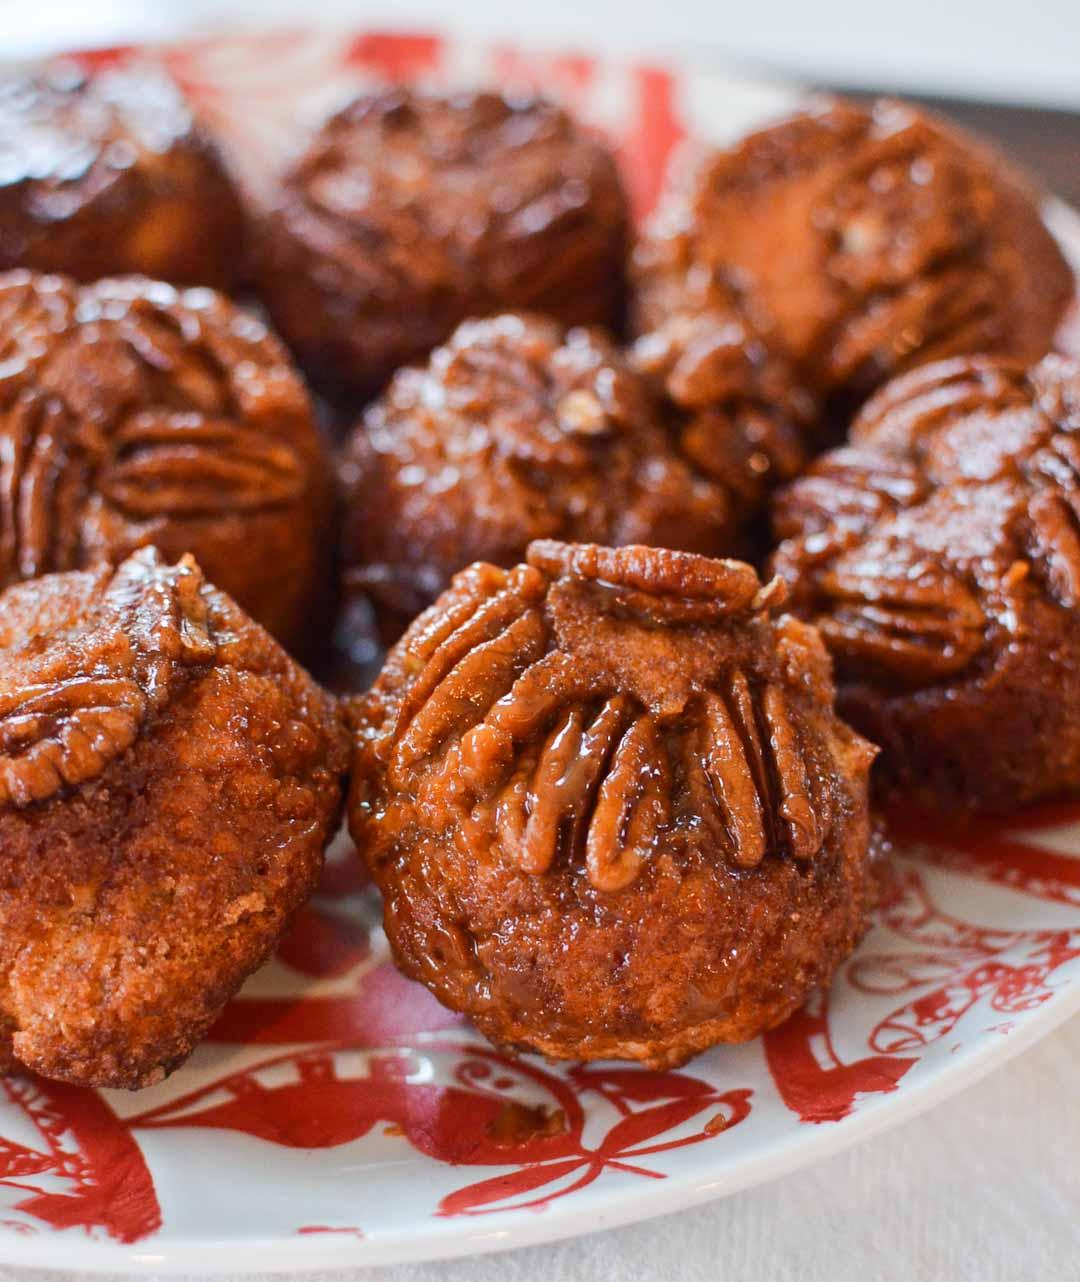 Brunch Recipe: Caramel-Pecan Sticky Buns | Kitchn